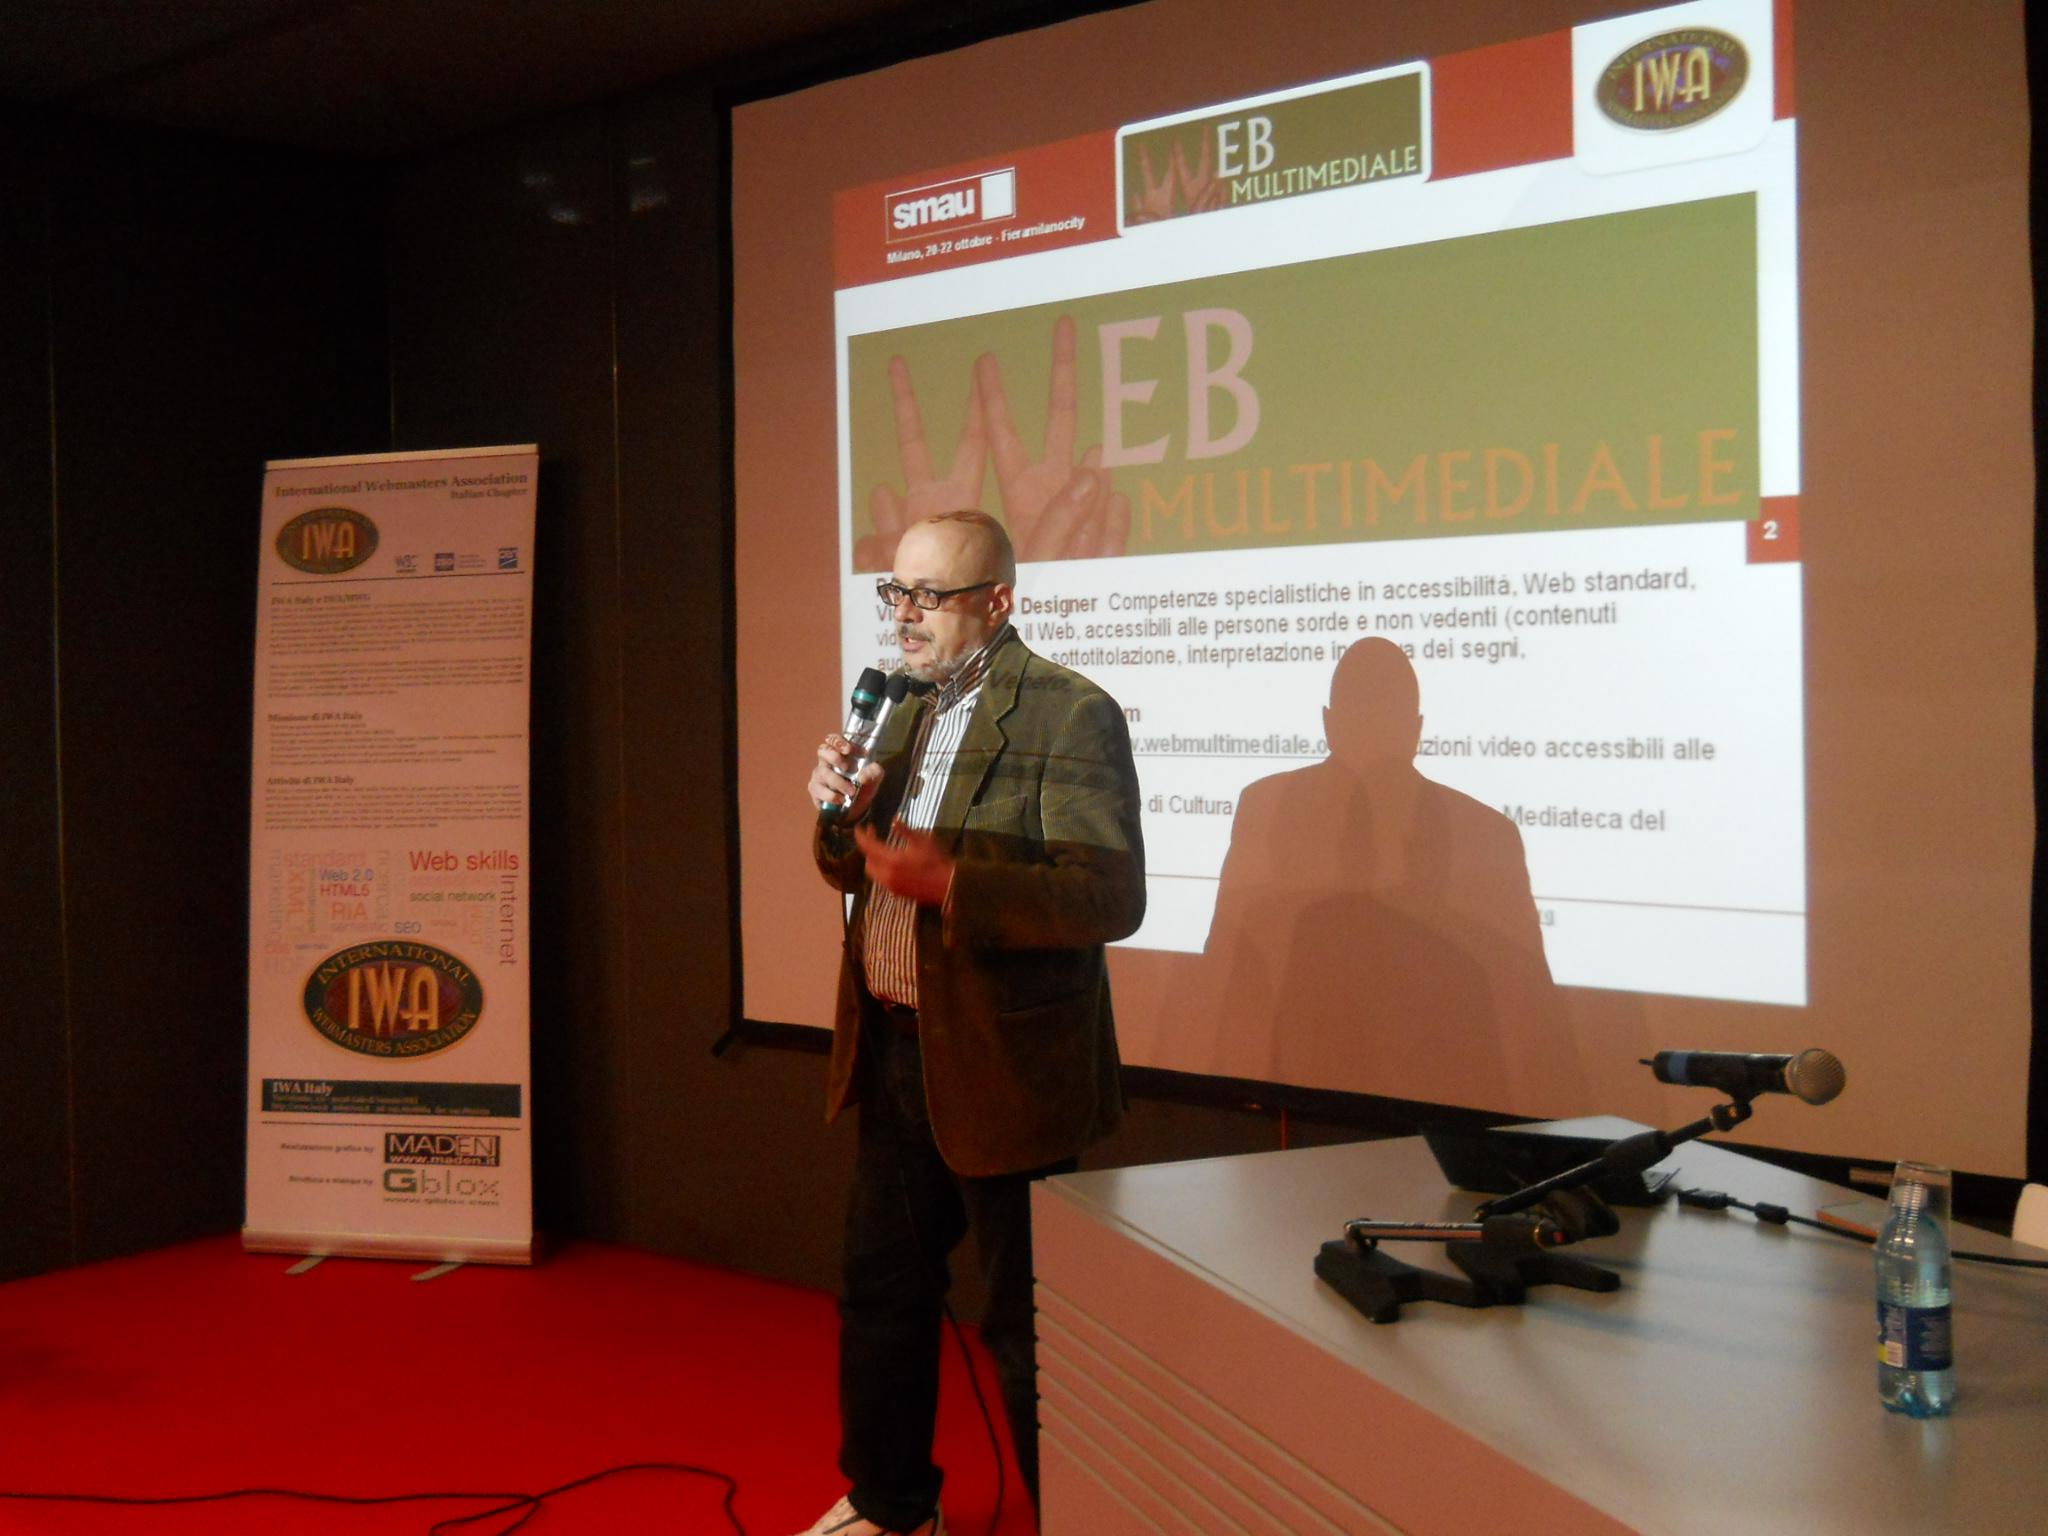 Roberto Ellero e il pubblico dell'arena durante lo speech a Smau 2010 su HTML5 e Web Video